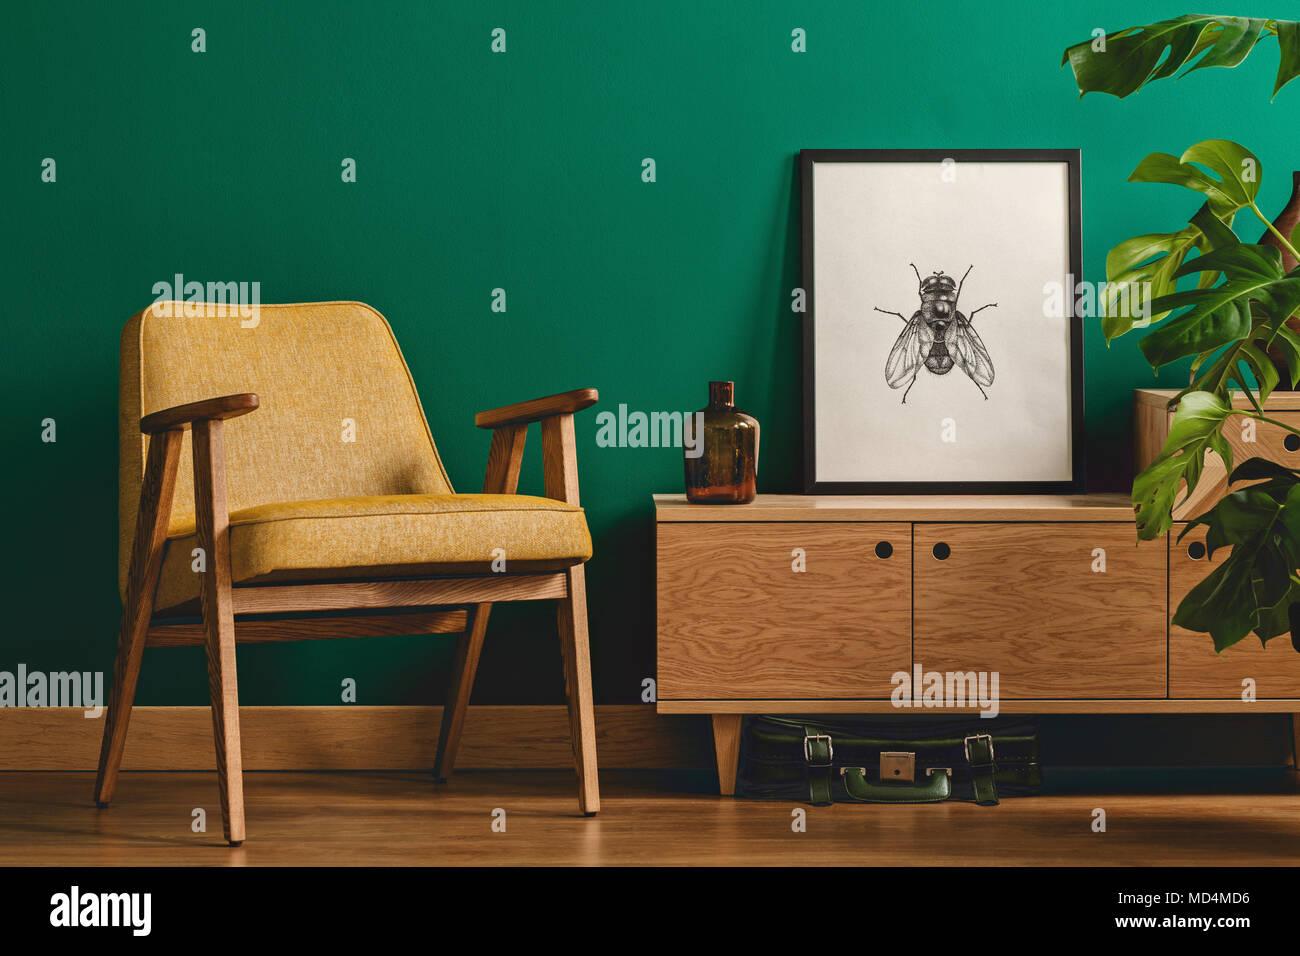 Stilvoll minimalistisch wohnzimmer einrichtung mit einem gerahmten